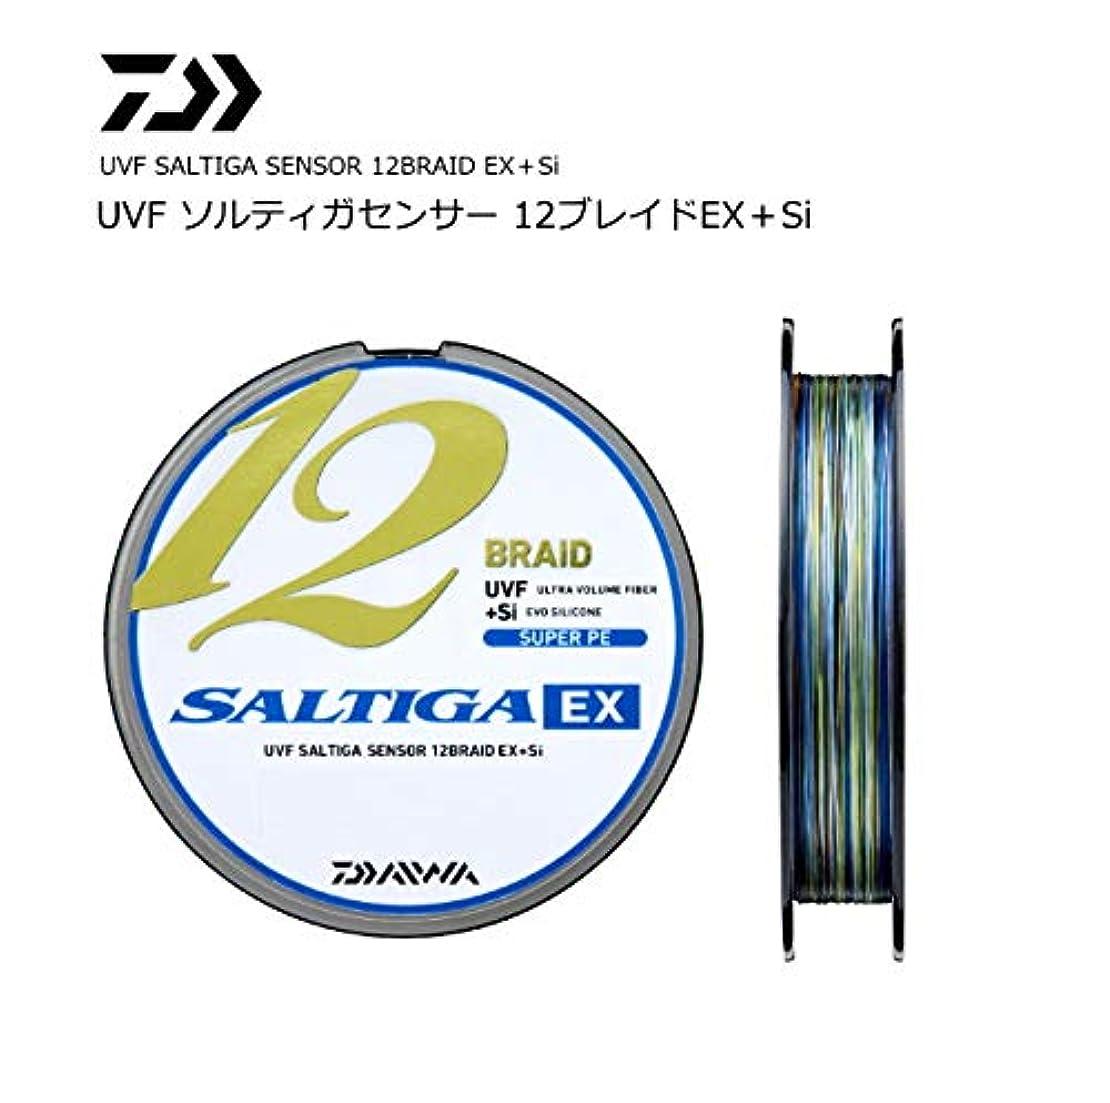 尊厳前提条件国歌ダイワ ライン UVF ソルティガセンサー 12ブレイドEX+Si 400m 5号